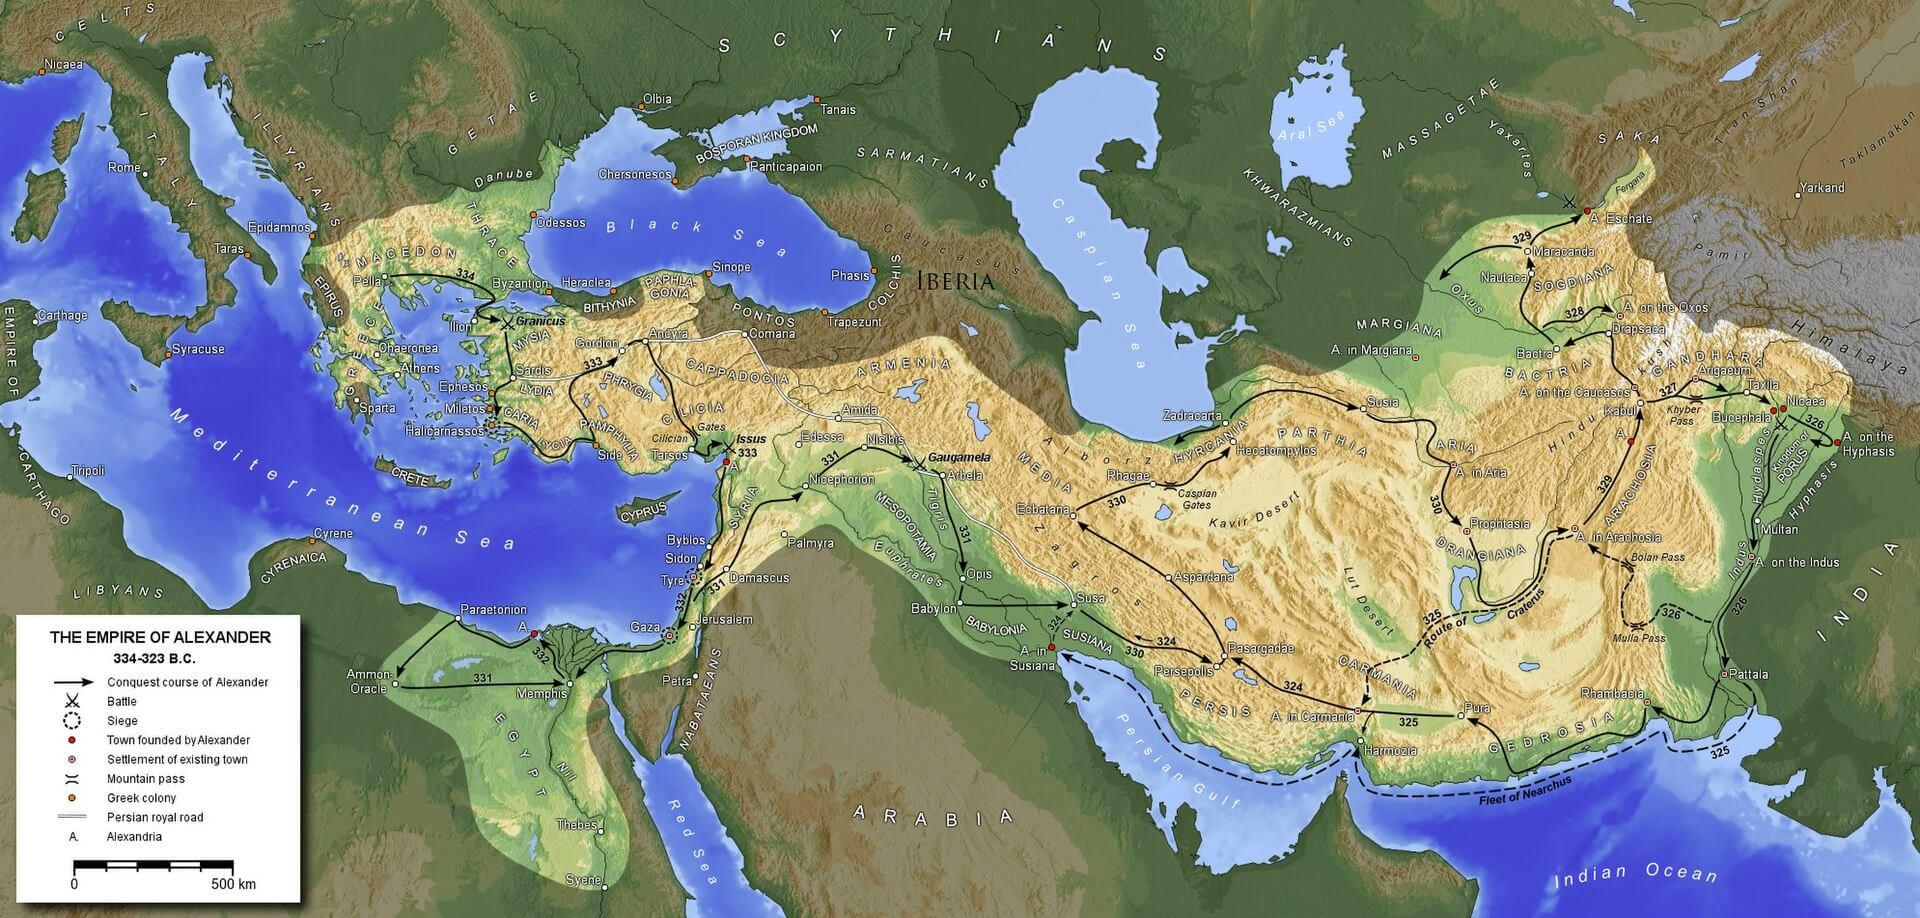 Büyük İskender'in imparatorluğunun haritası ve rotası